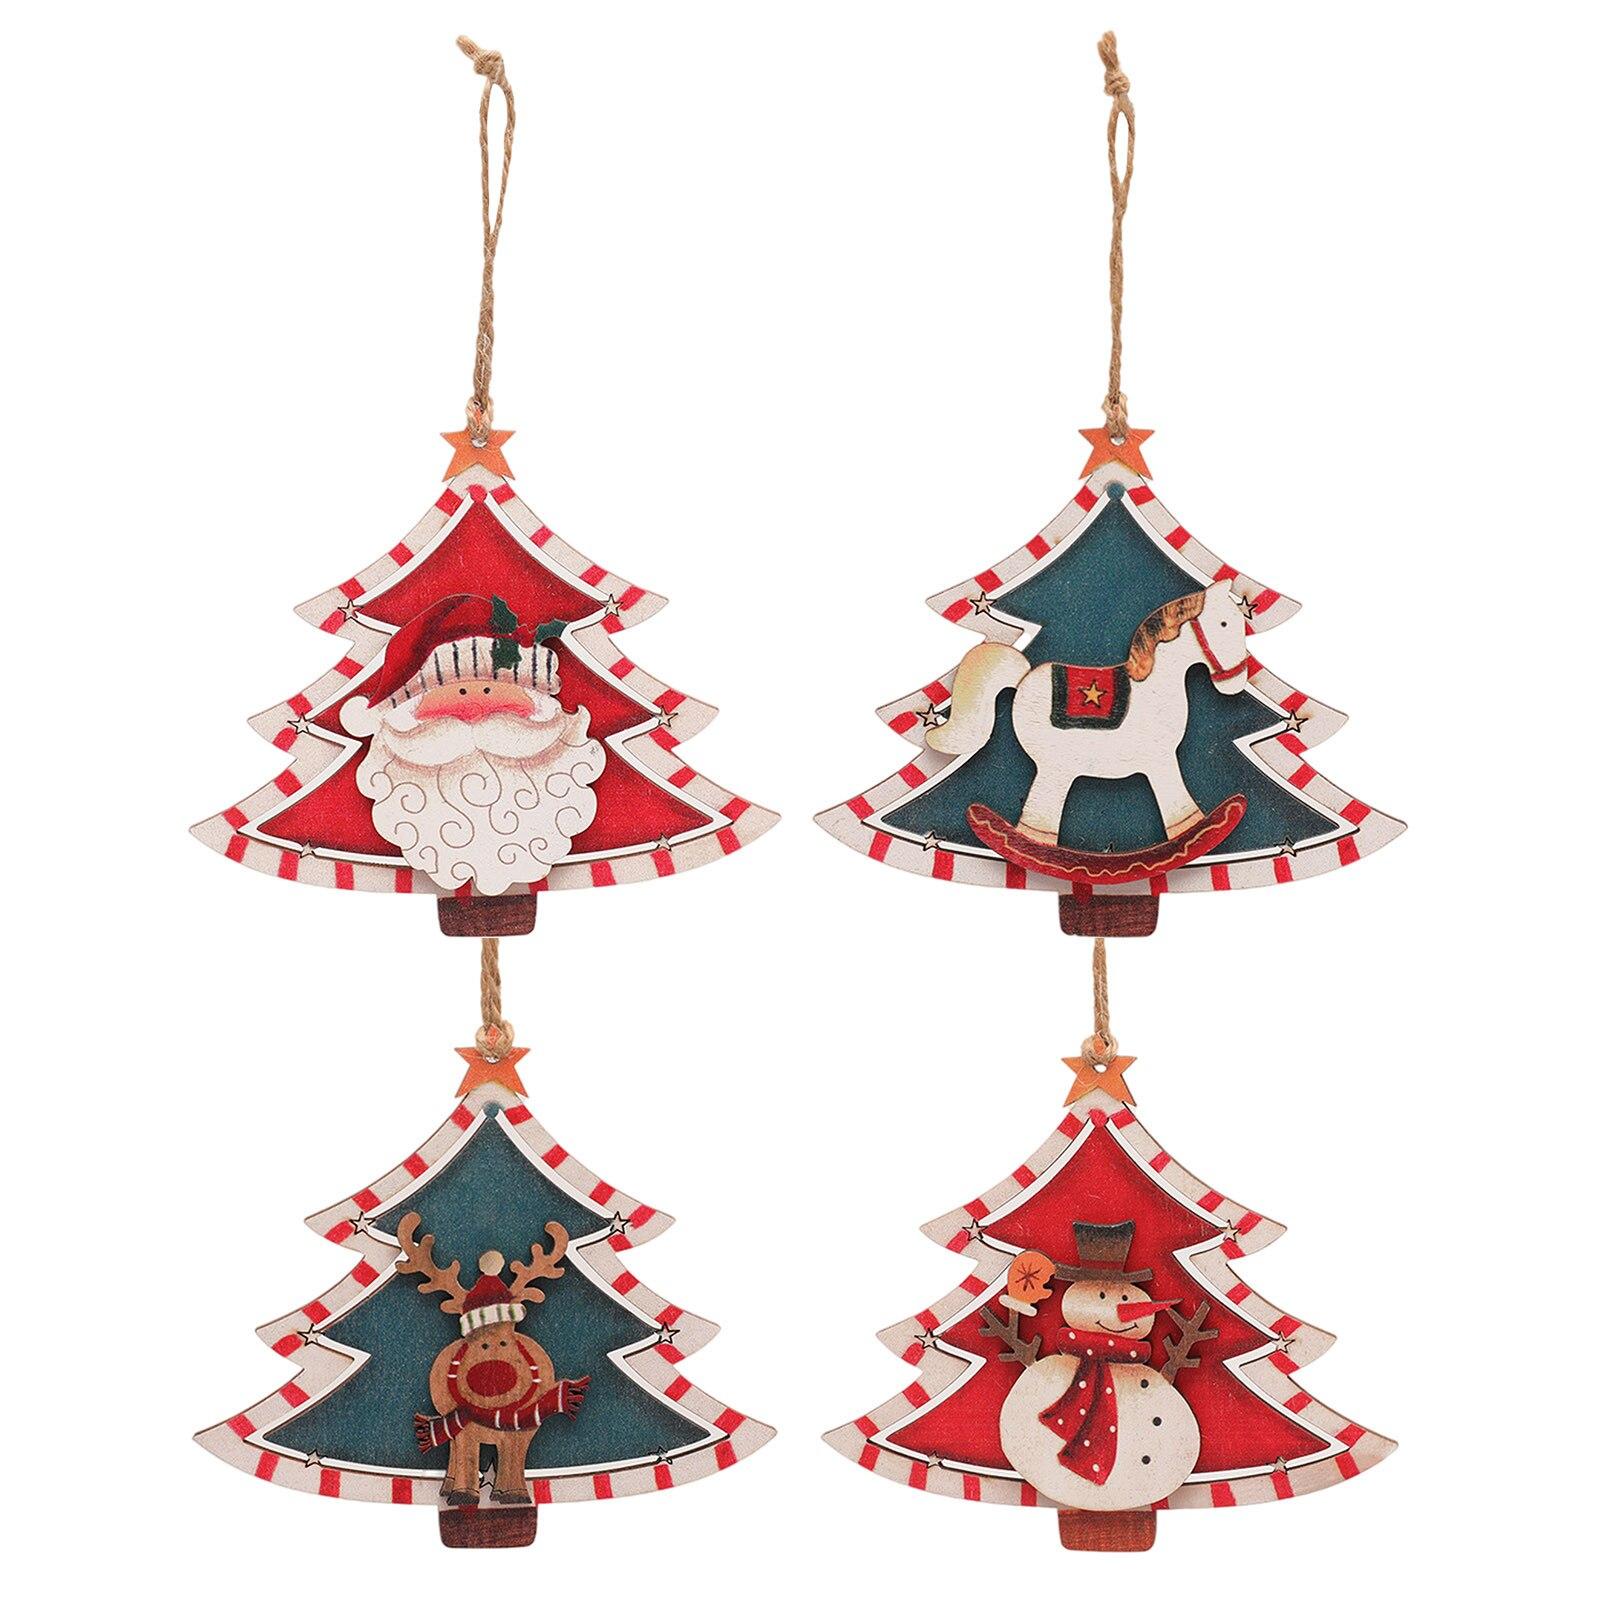 Adornos navideños para árbol De Navidad, Adornos De Papá Noel, muñeco De...